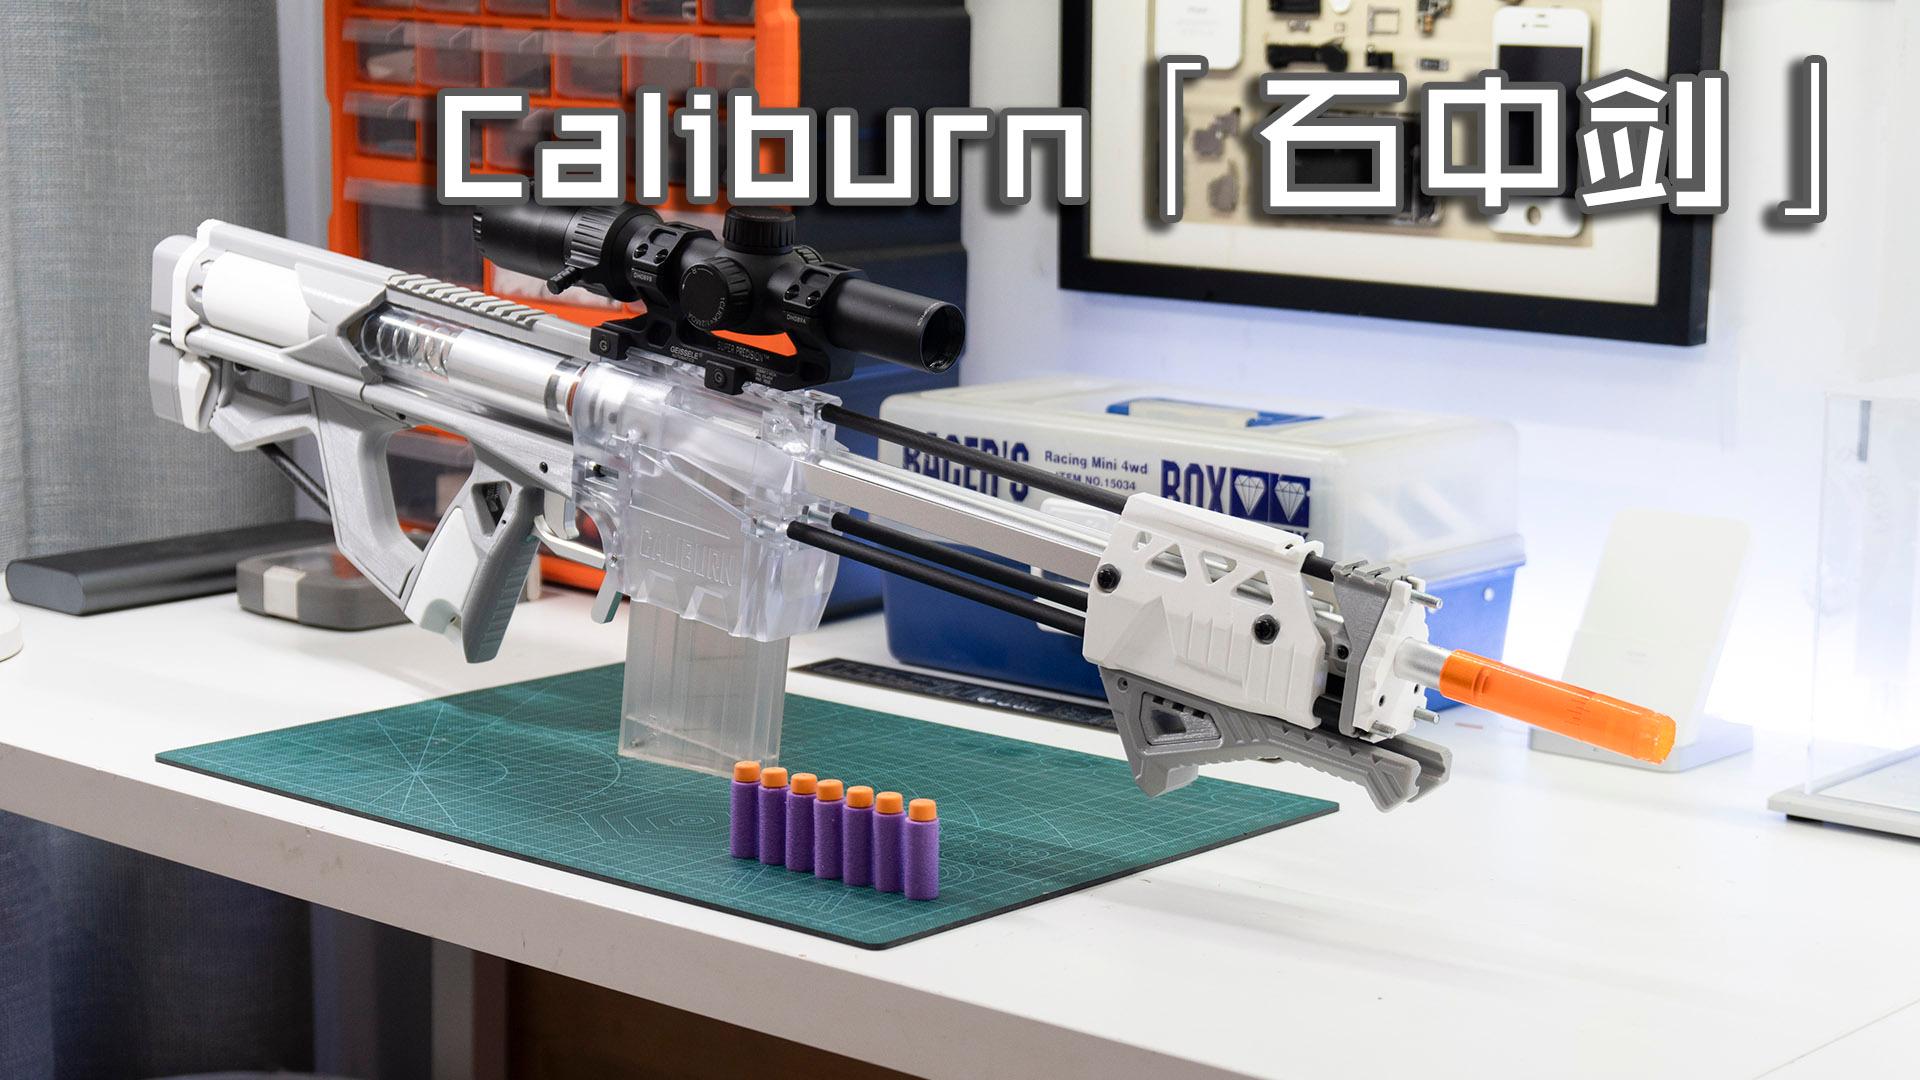 【玩弹】朝圣之旅——Caliburn「石中剑」软弹发射器